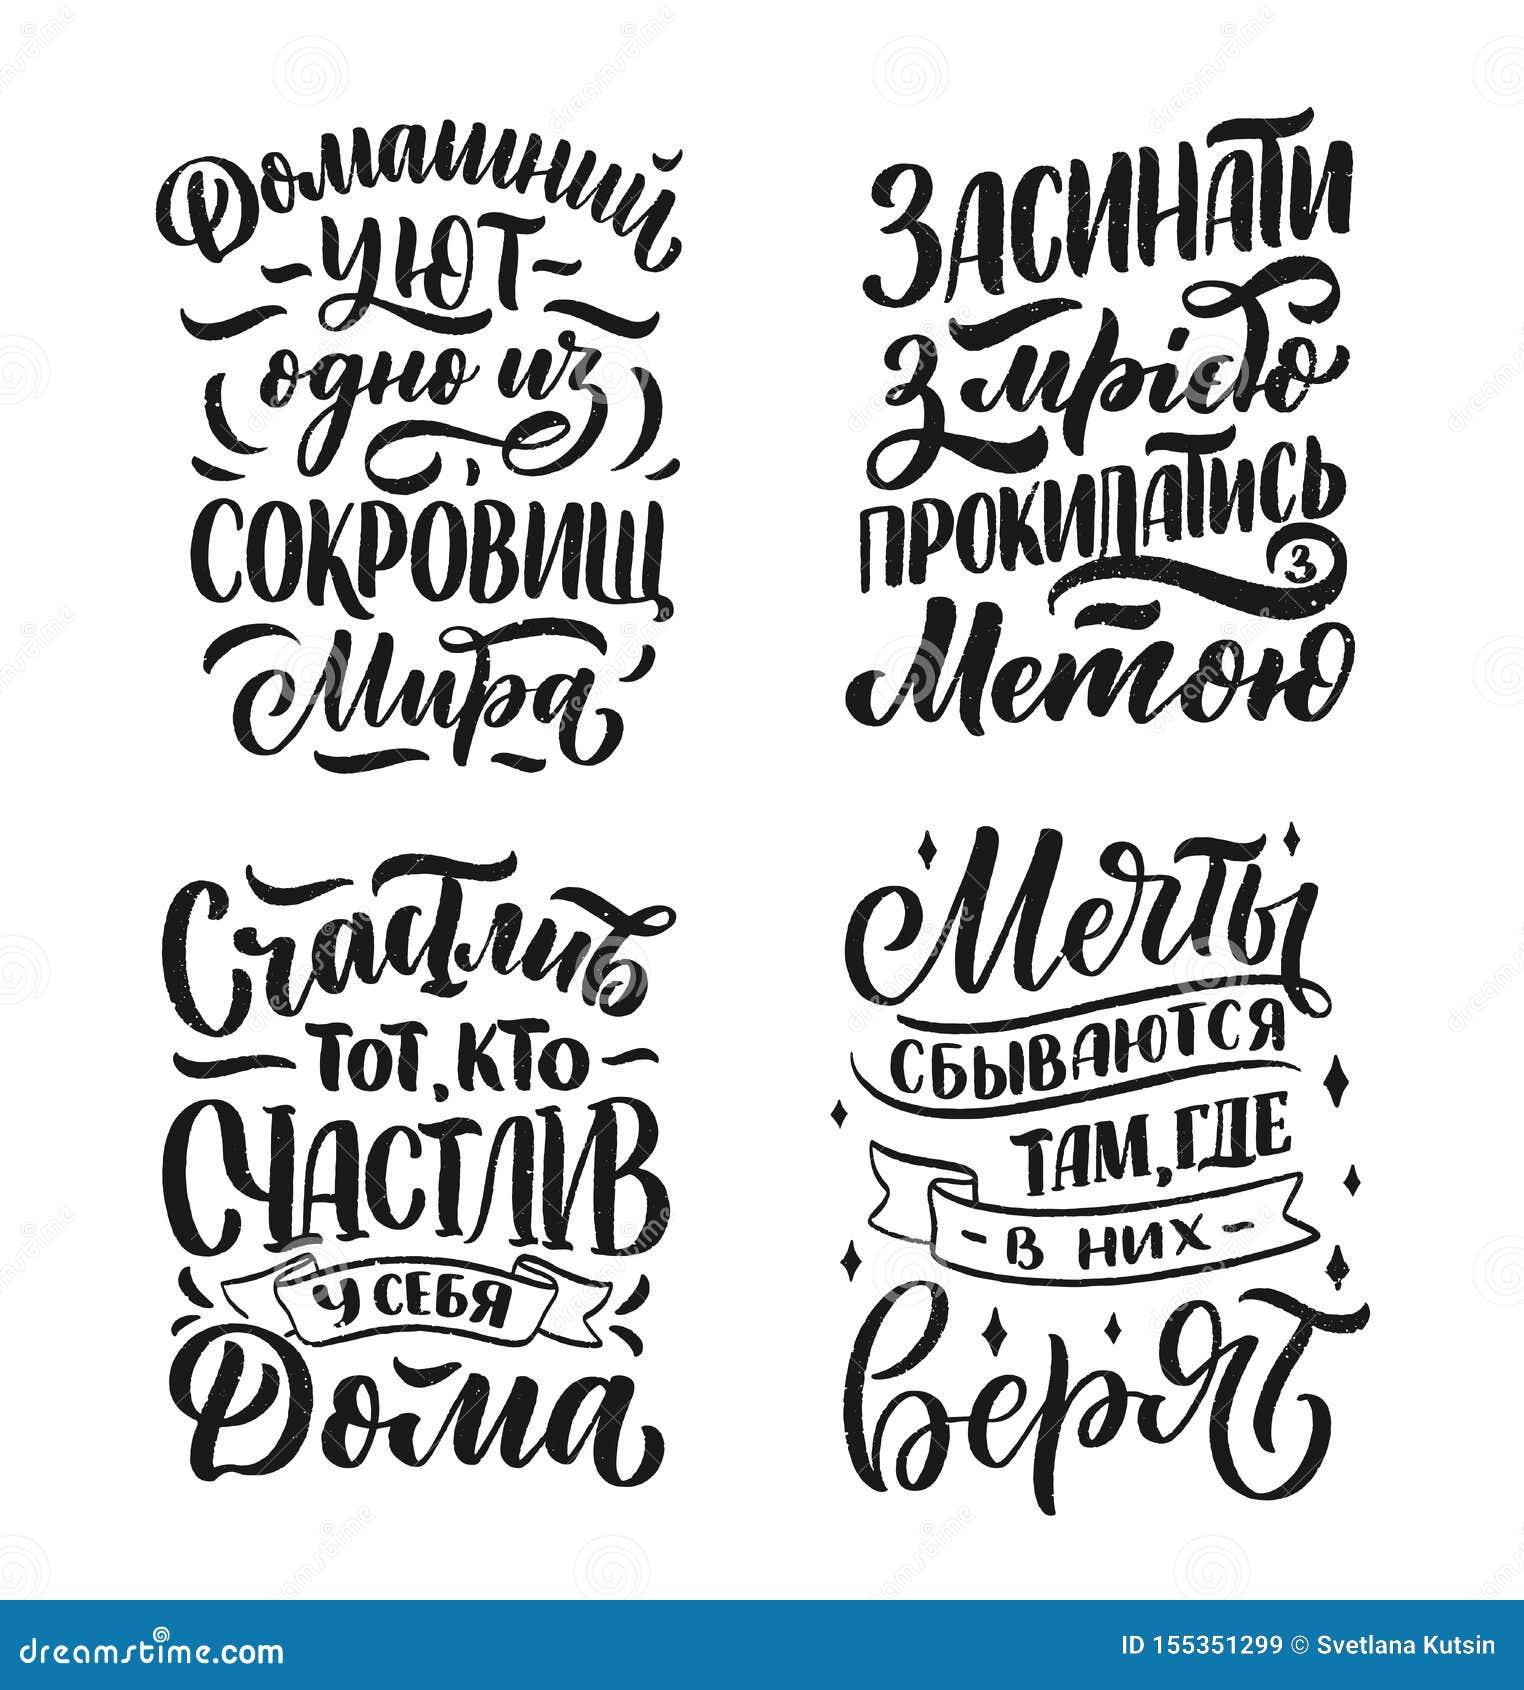 Affischer på ryssspråket - hem- komfort är en av världens skatter, faller sovande med en dröm - vak upp med ett mål som är lyckli